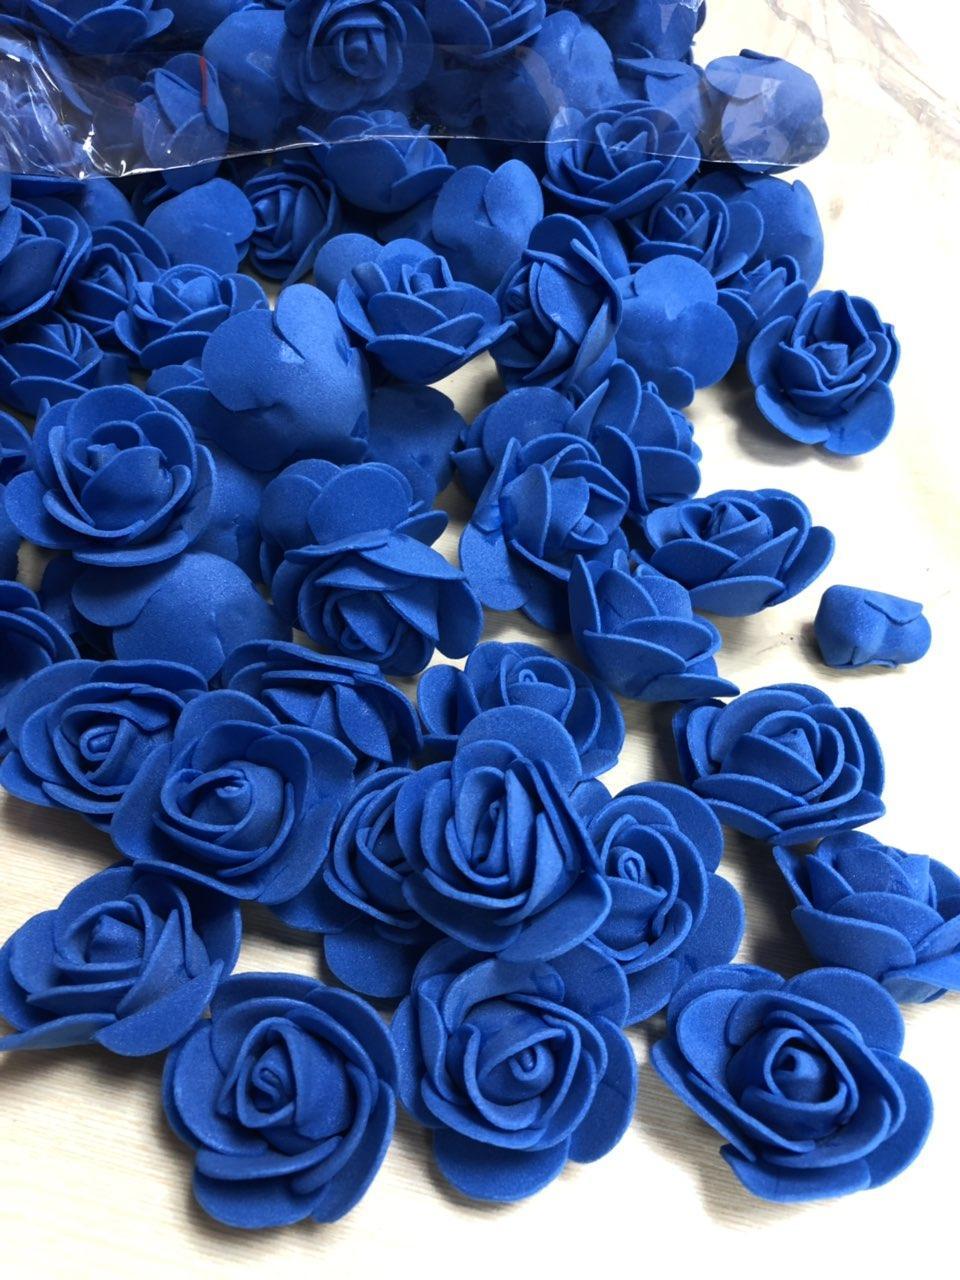 Розы из латекса, синие (ФОМ, FOAM) 500 шт пачка (для мишек)